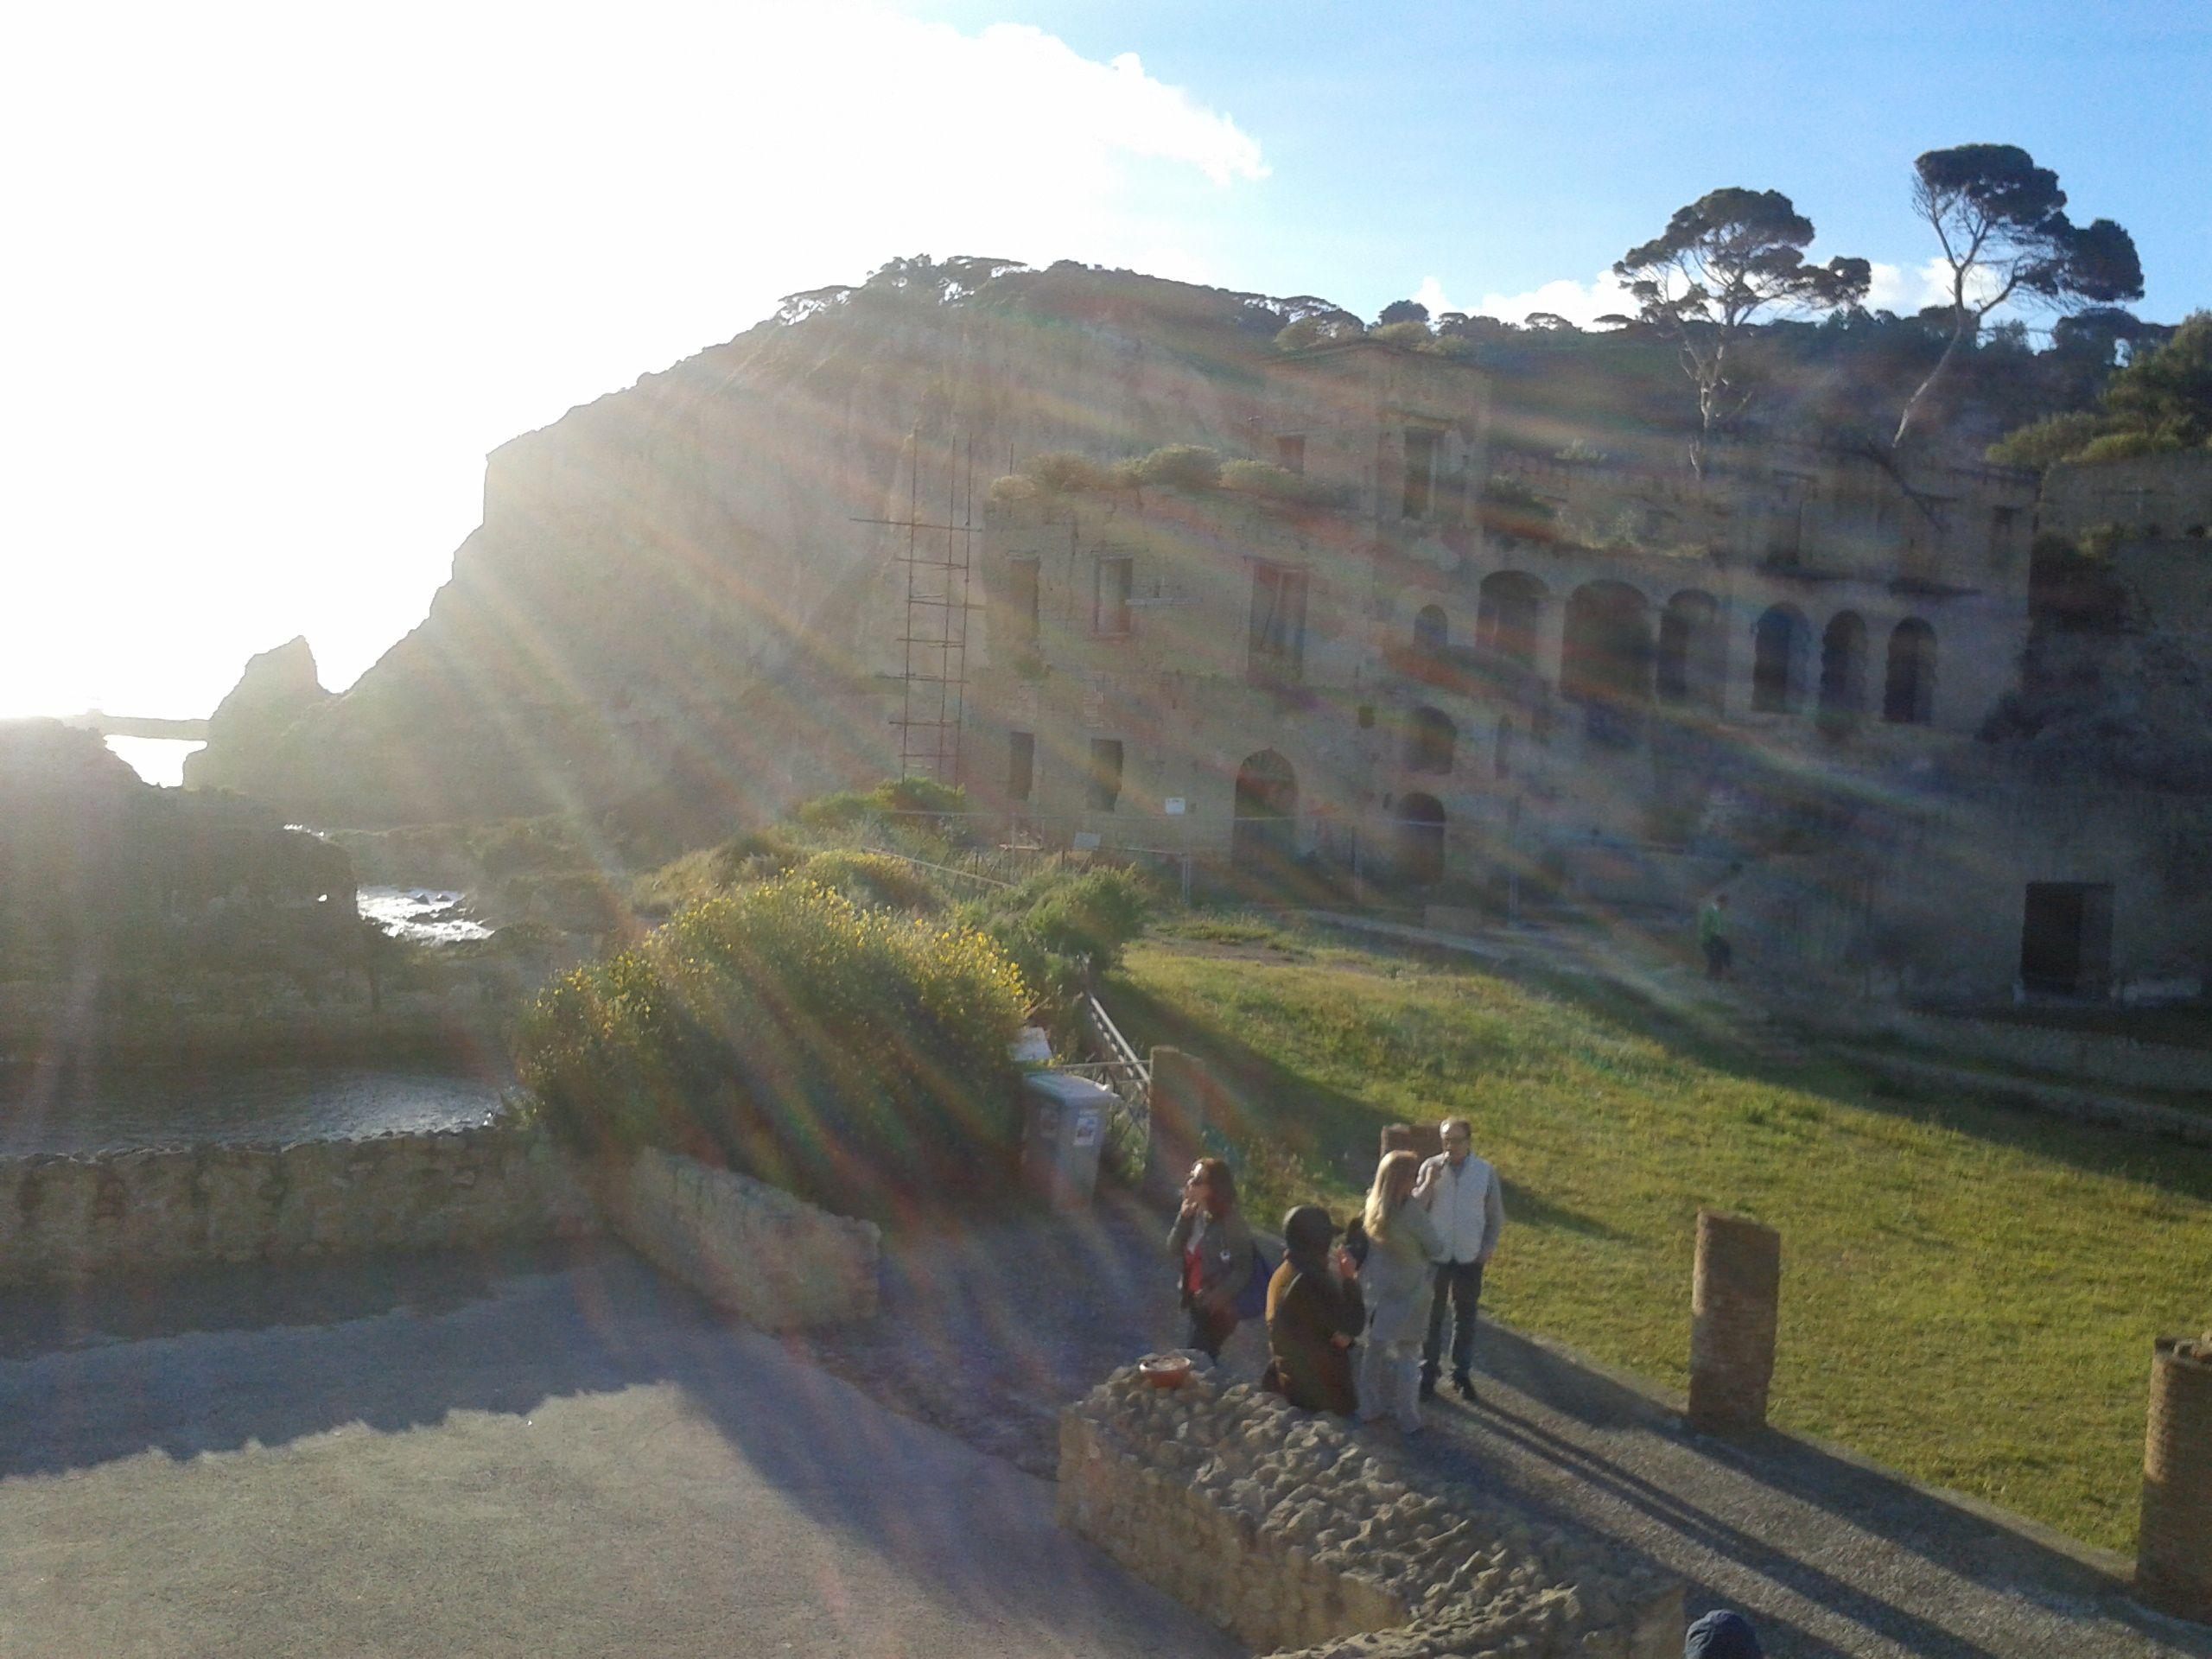 le grotte di Seiano, L'anfiteatro, Il parco della Gaiola. #Napoli